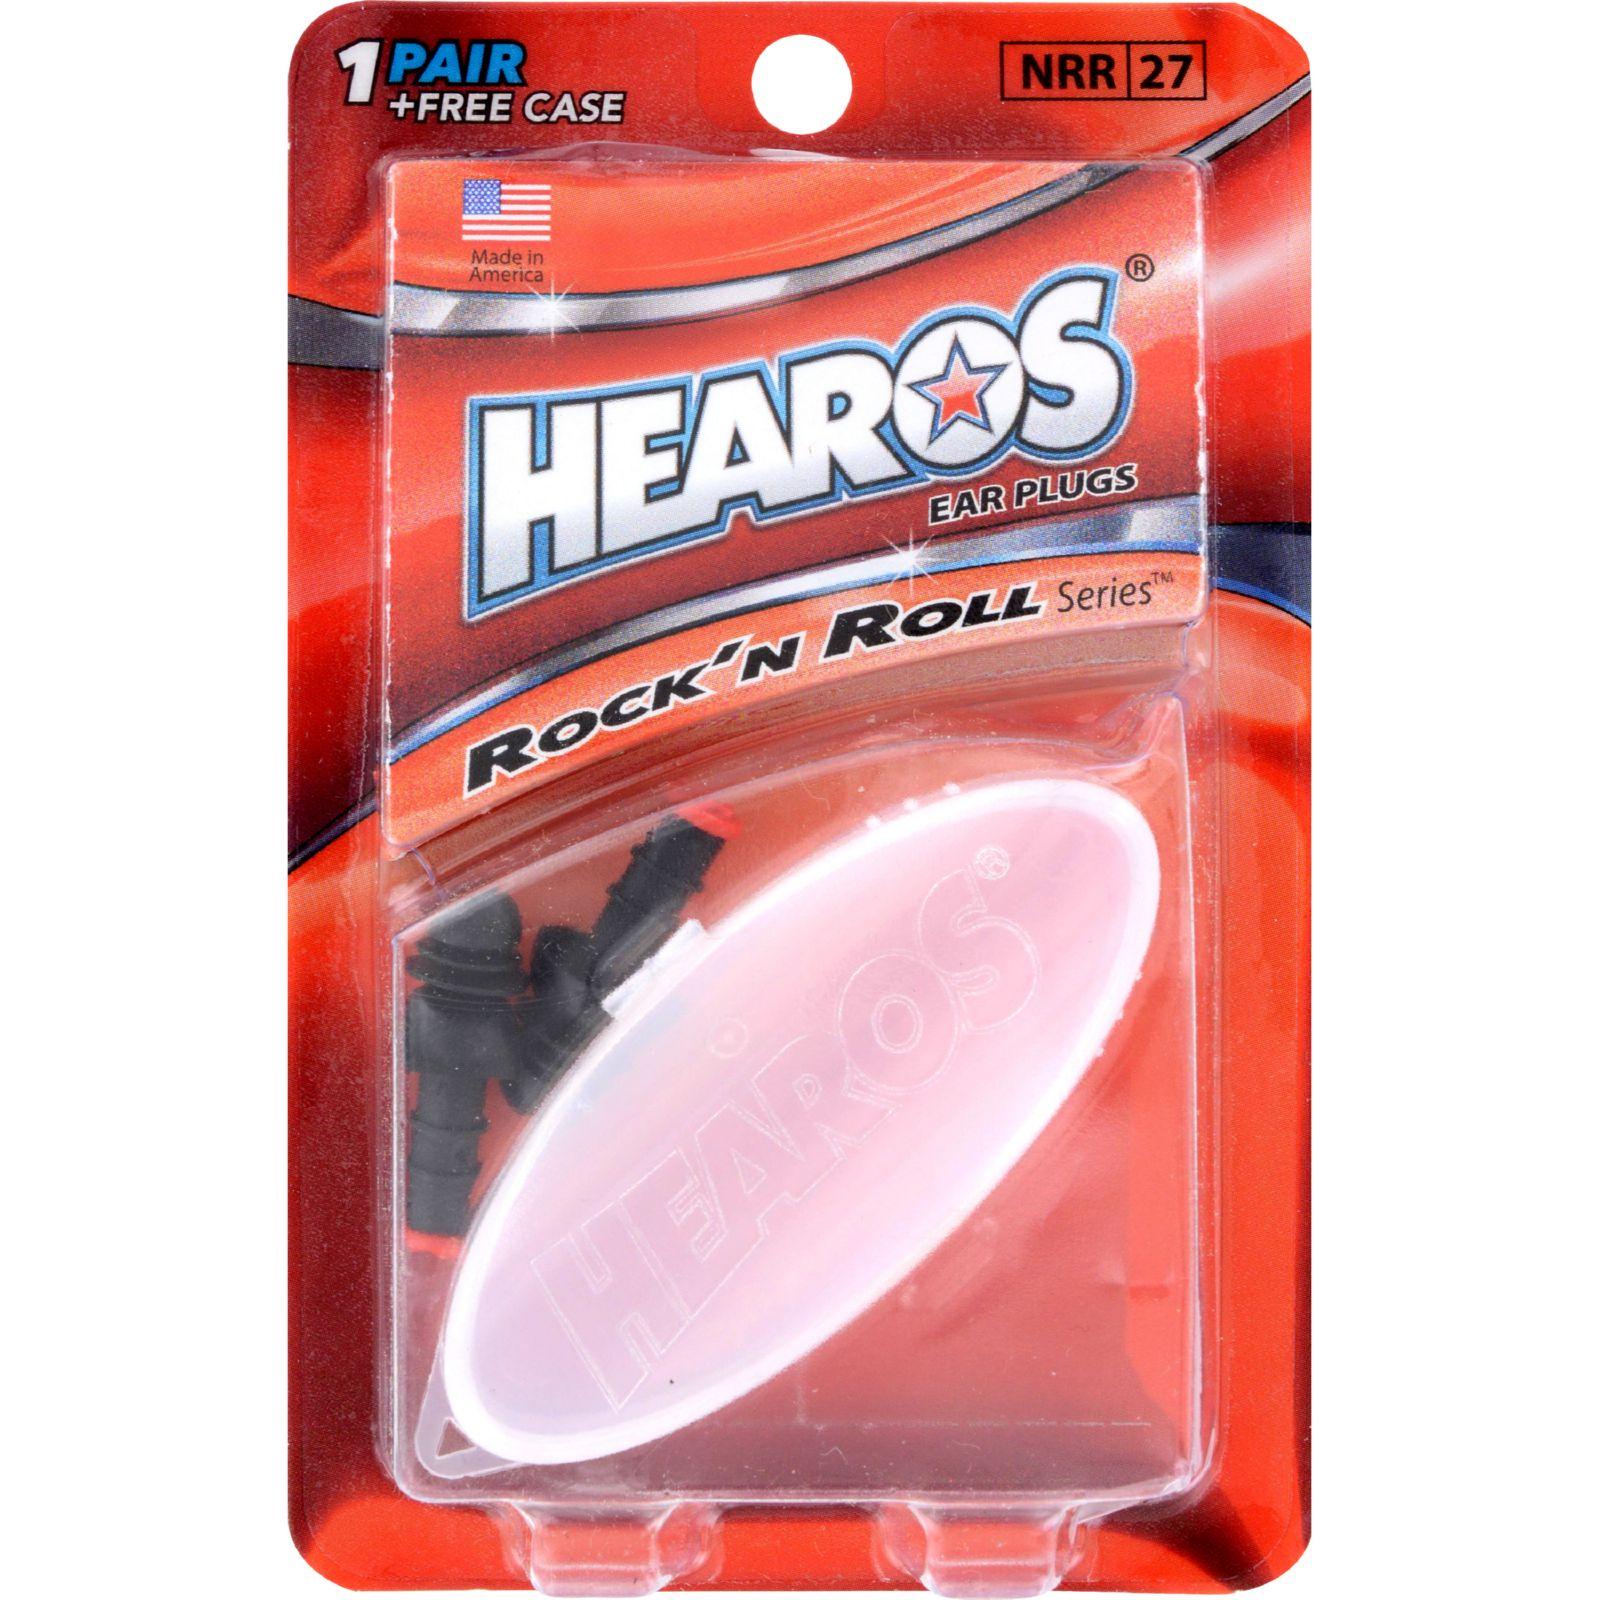 Hearos Ear Plugs Rock 'n Roll Series - 1 Pair